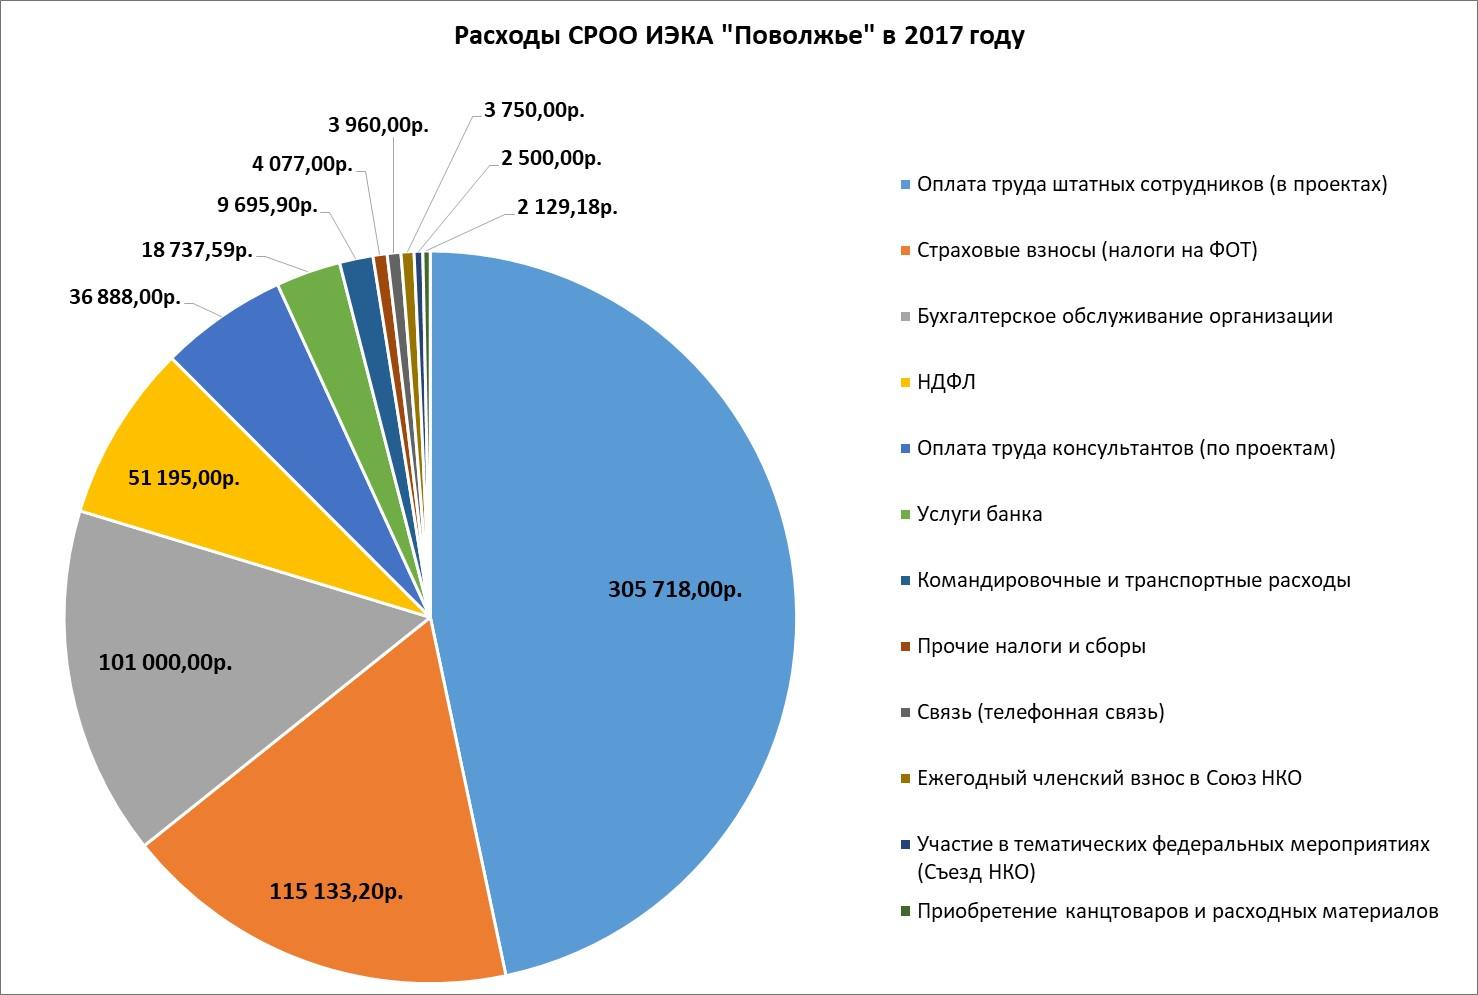 """Структура и объем расходов СРОО ИЭКА """"Поволжье"""" в 2017 году."""